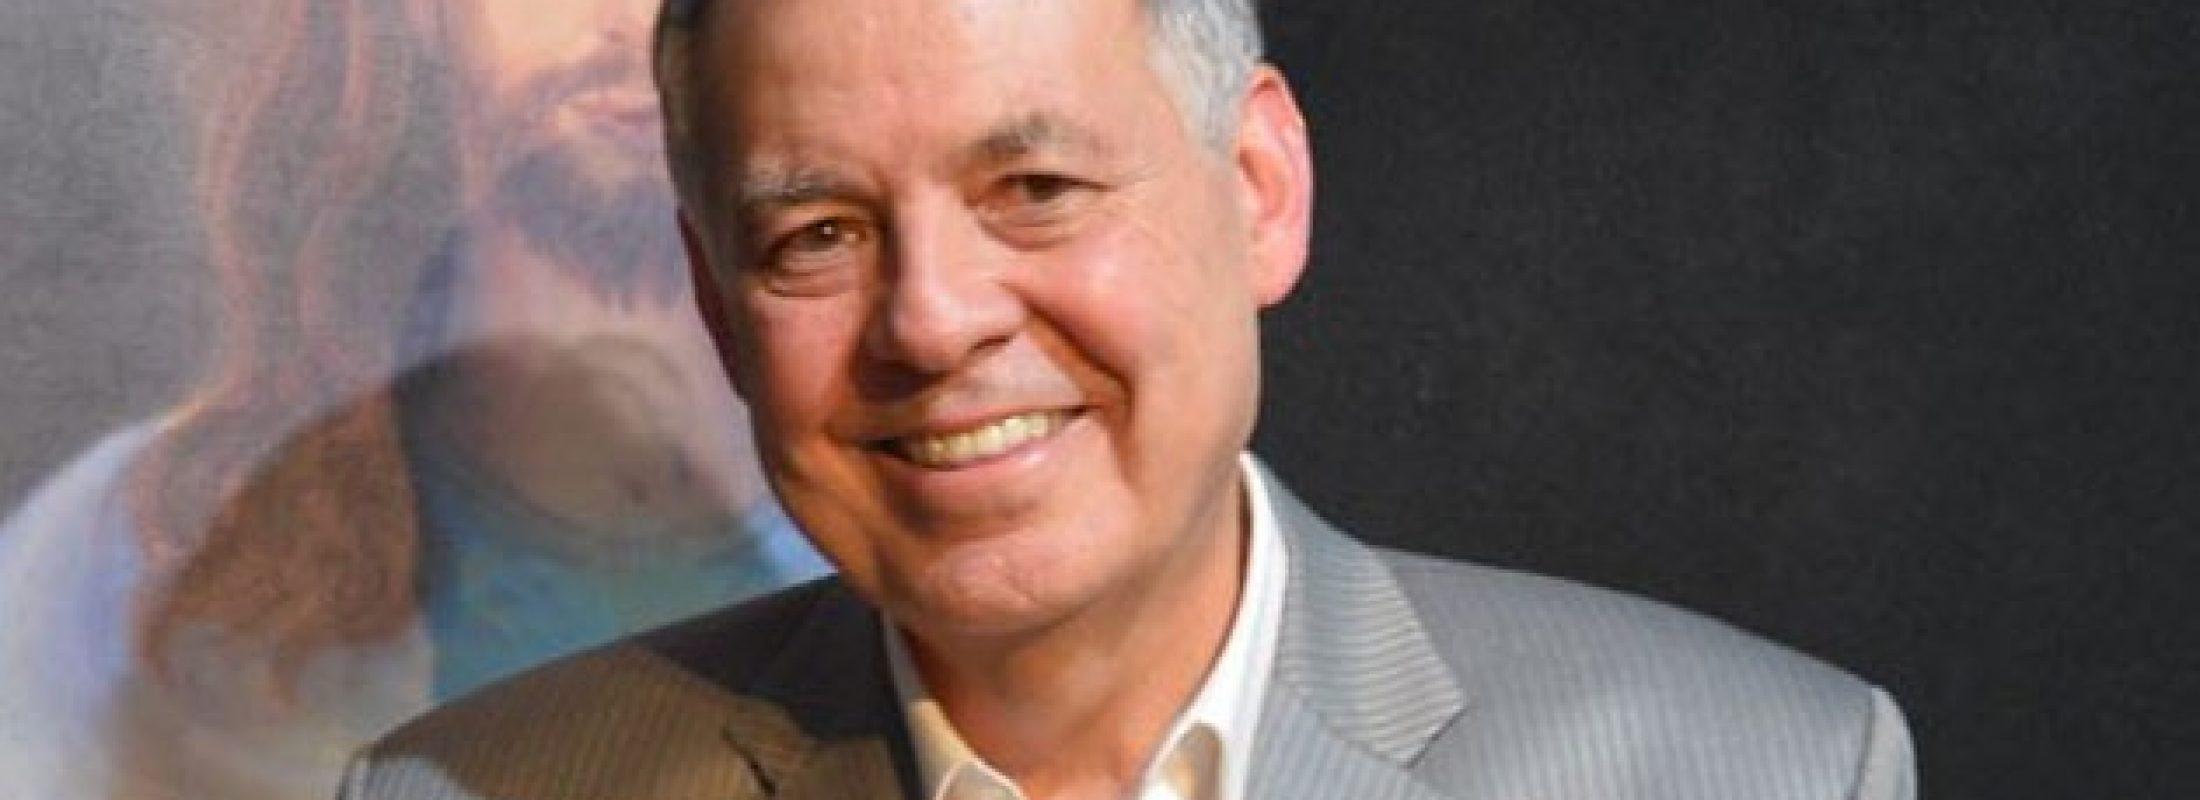 Rosario diario, misa, opositor a la ideología de género: el perfil de Alejandro Ordóñez, candidato a la presidencia de Colombia